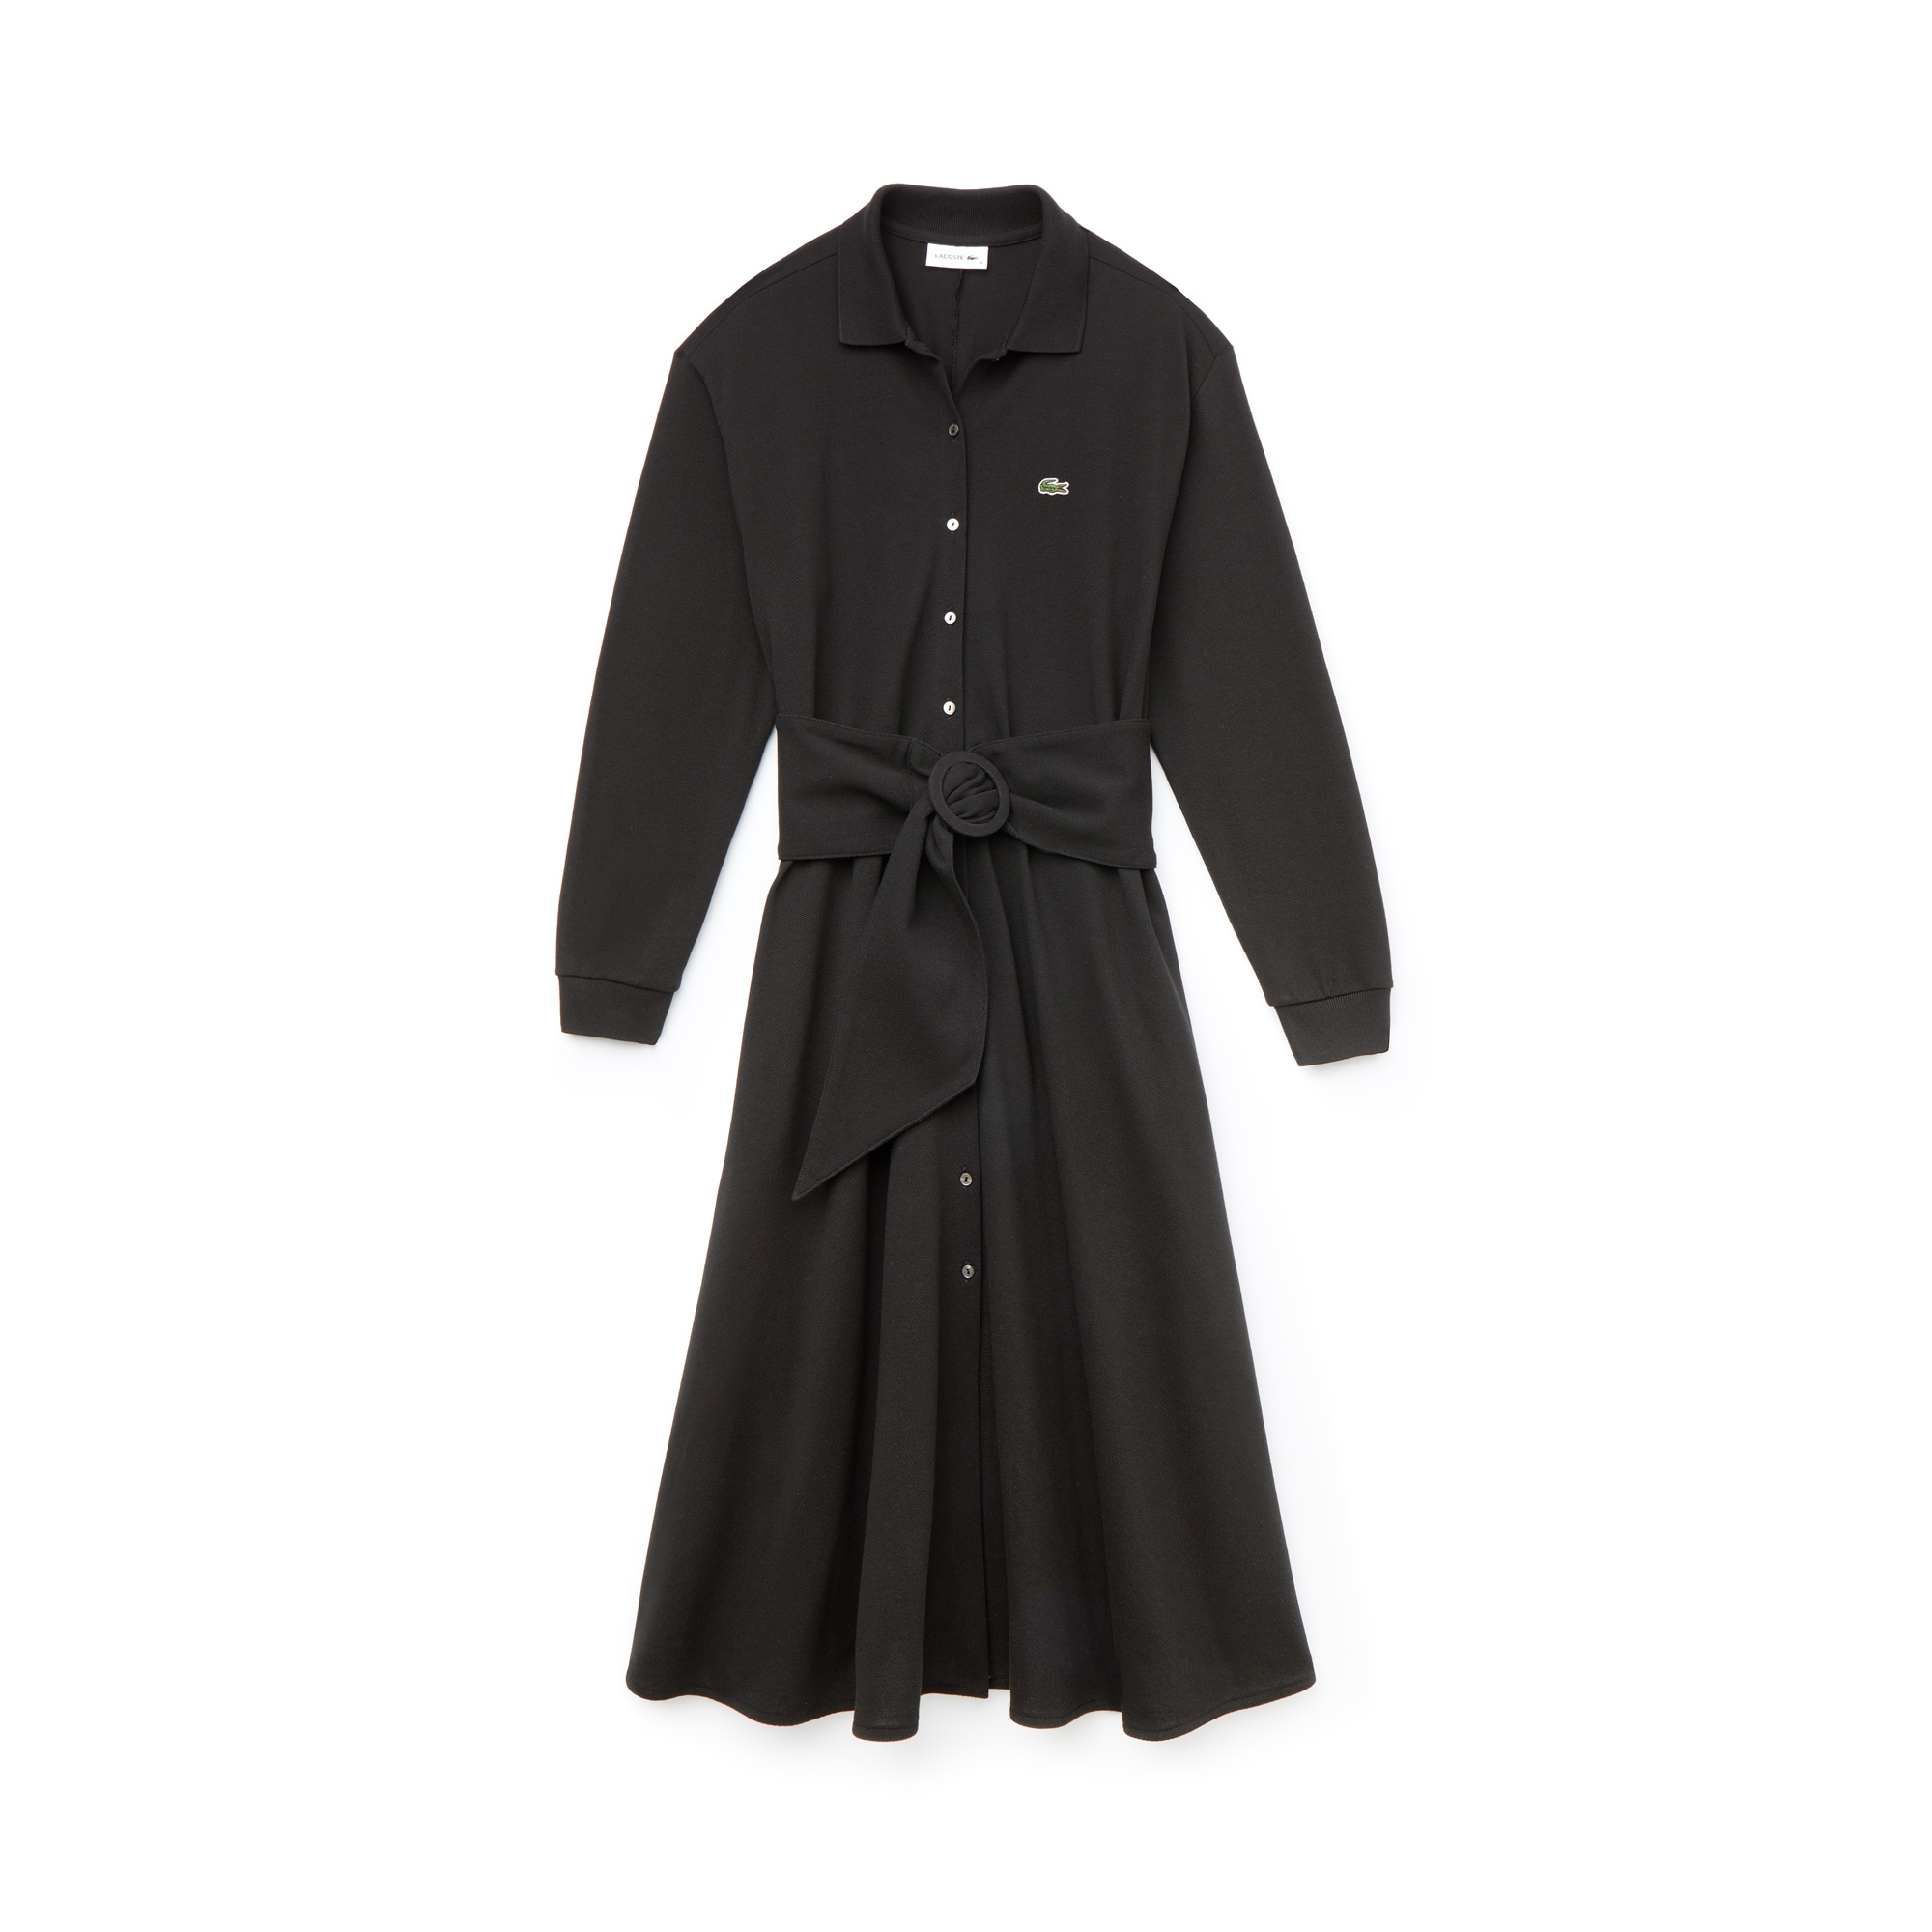 LACOSTE Cottons WOMEN'S BELTED COTTON PETIT PIQUÉ SHIRT DRESS